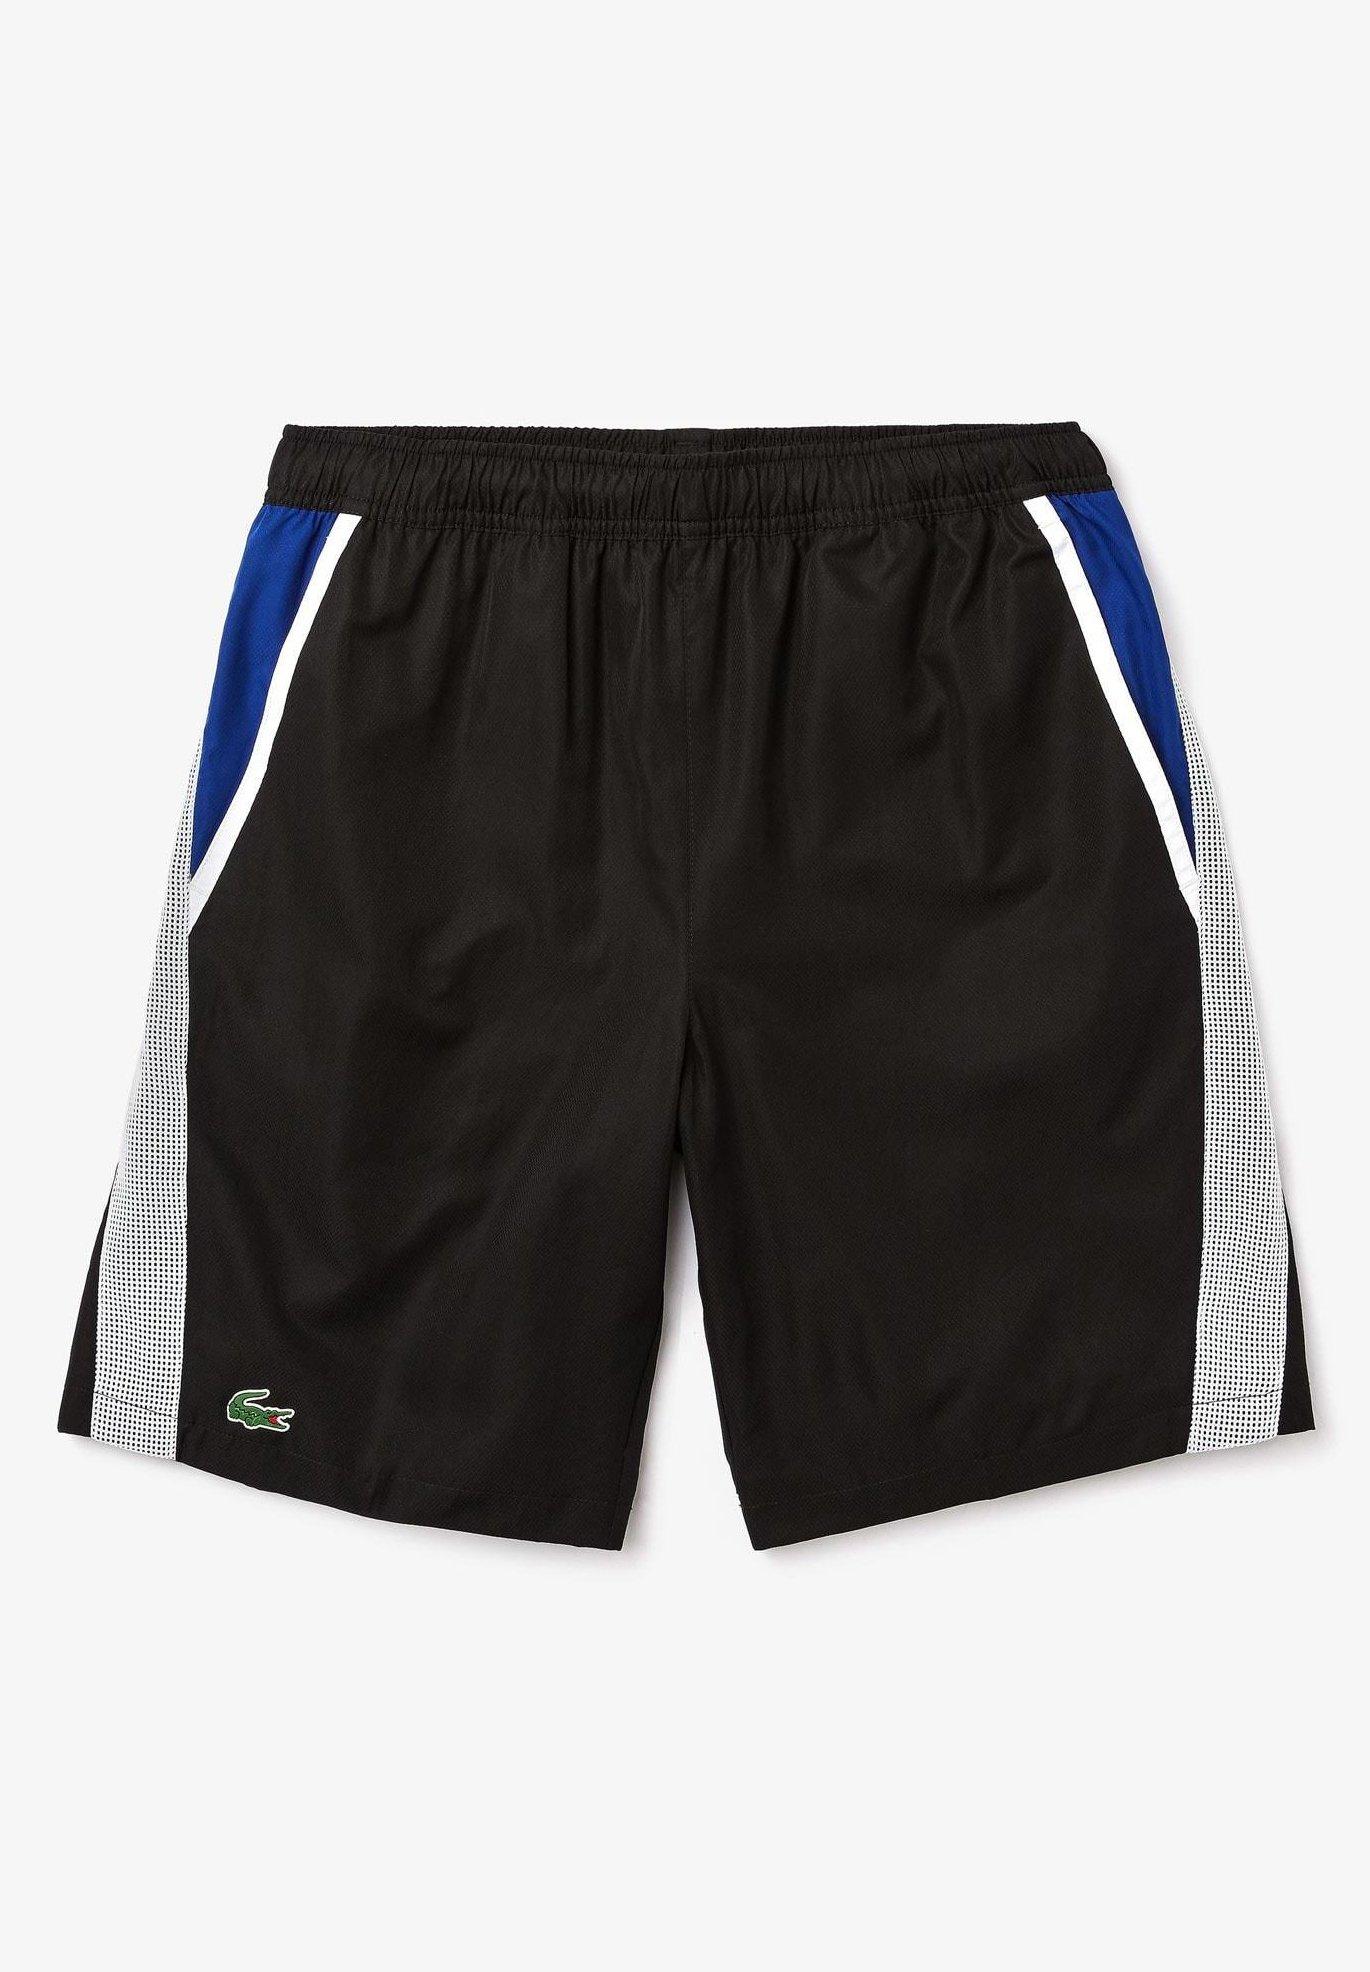 GH4764 Short de sport noir blanc bleu